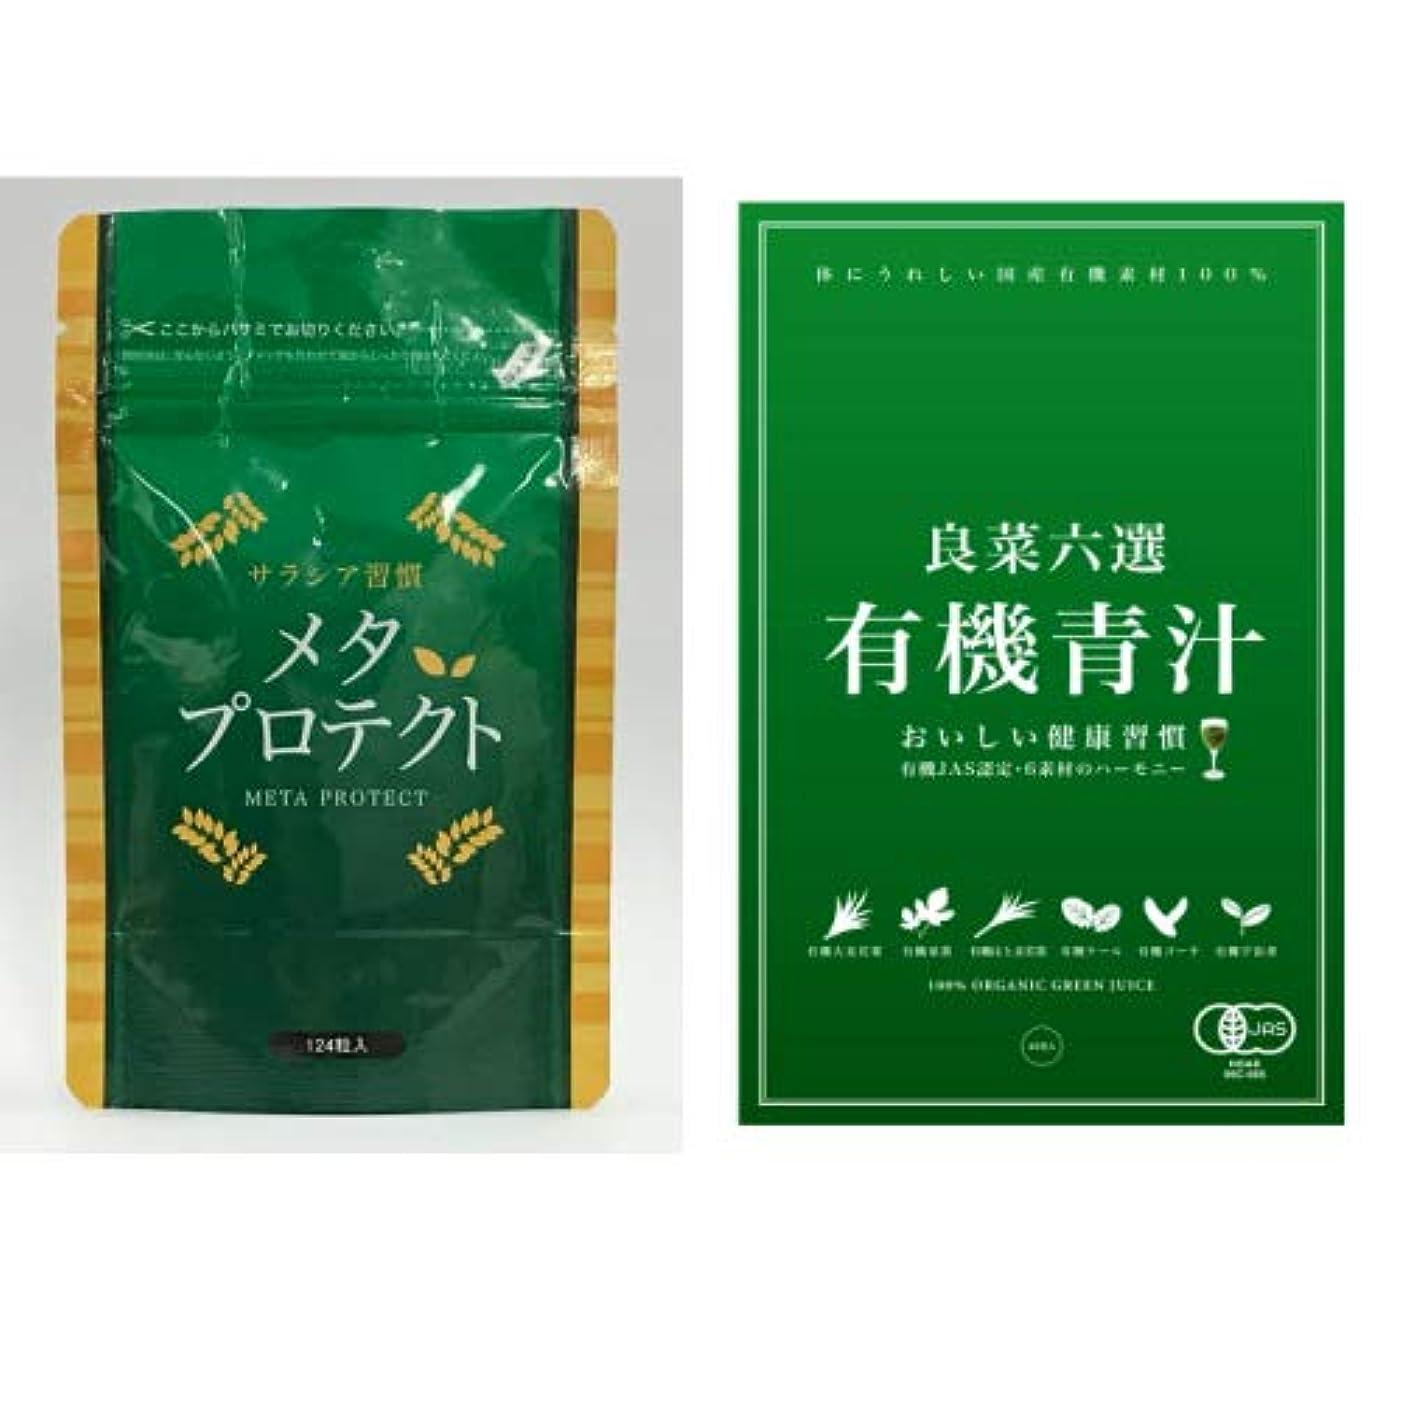 ヒントレンズバイナリダイエット 肥満予防サプリメント(メタ?プロテクト124粒/青汁32包)2点セット